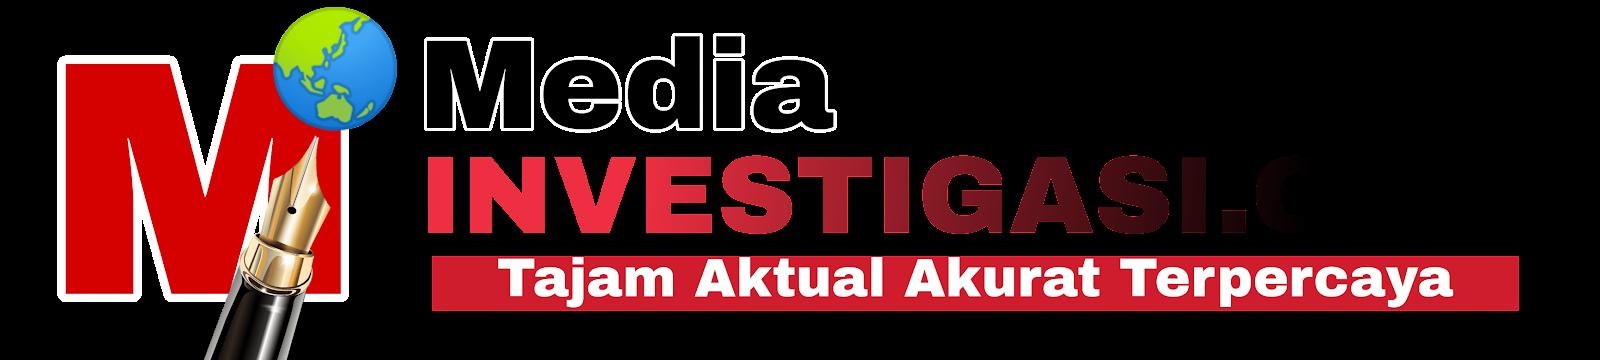 Media-INVESTIGASI.com